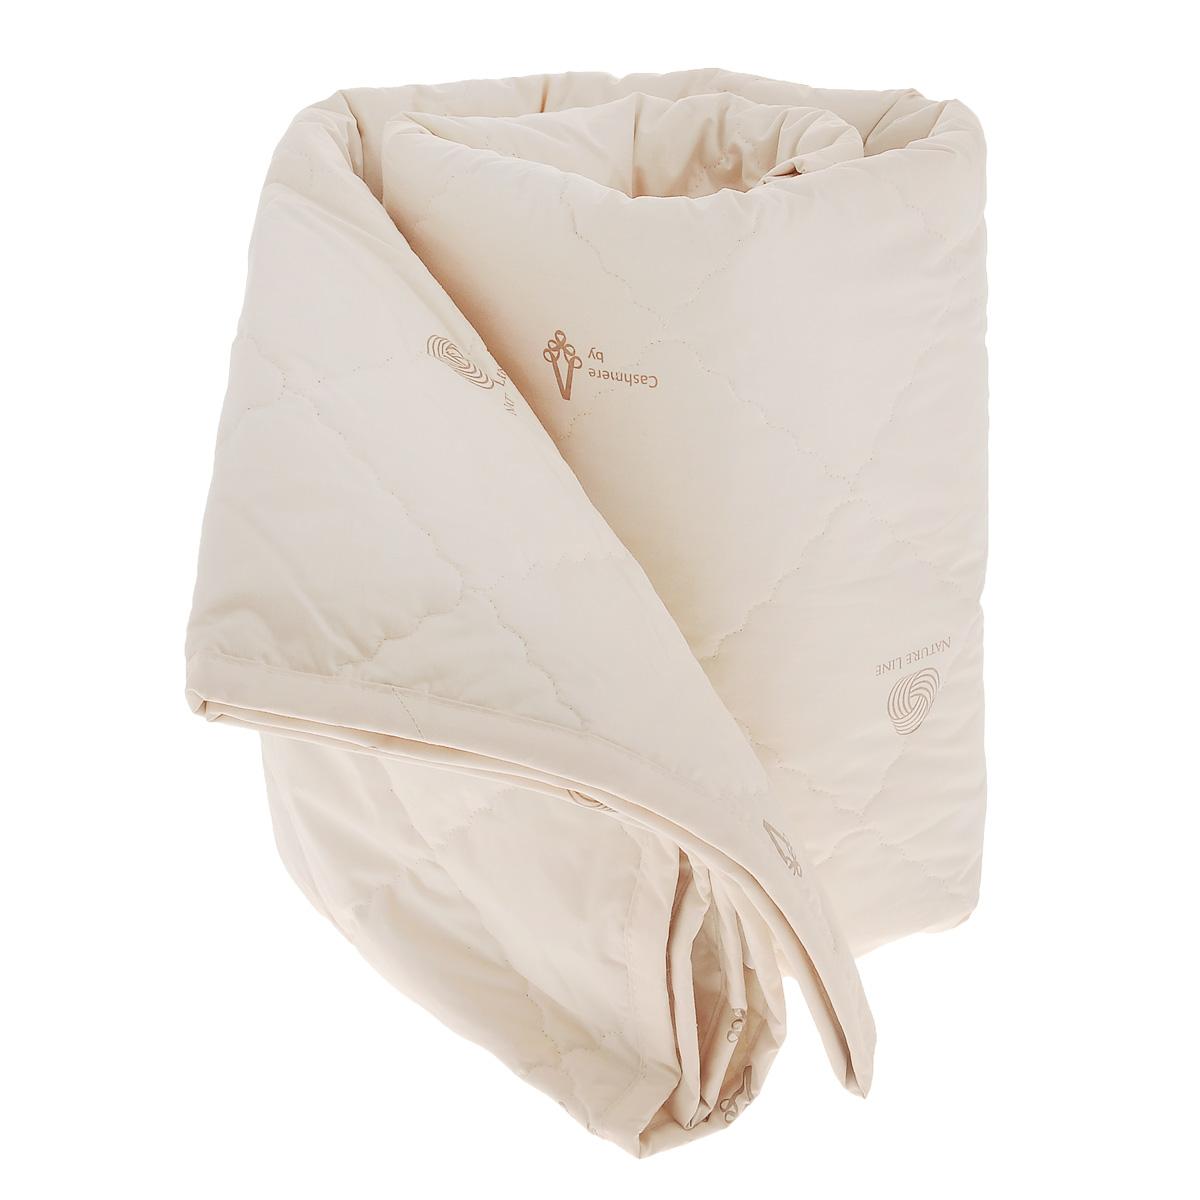 Одеяло La Prima Кашемир, наполнитель: кашемир, полиэфирное волокно, цвет: светло-бежевый, 140 х 205 см1083/0224887/15Одеяло La Prima Кашемир очень легкое, воздушное и одновременно теплое. Чехол одеяла выполнен из 100% хлопка. Наполнитель - из натуральной шерсти кашемирской козы. Одеяла с наполнителем из кашемира очень высоко ценят во всем мире. Изделие обладает высокой воздухопроницаемостью, прекрасно сохраняет тепло и снимает статистическое электричество. Оно гипоаллергенно, очень практично и неприхотливо в уходе. Благоприятно воздействует на мышцы и суставы, создавая эффект микромассажа, обеспечивает здоровый и глубокий сон. Ручная стирка при температуре 30°С. Материал чехла: 100% хлопок. Наполнитель: кашемир, полиэфирное волокно. Размер: 140 см х 205 см.